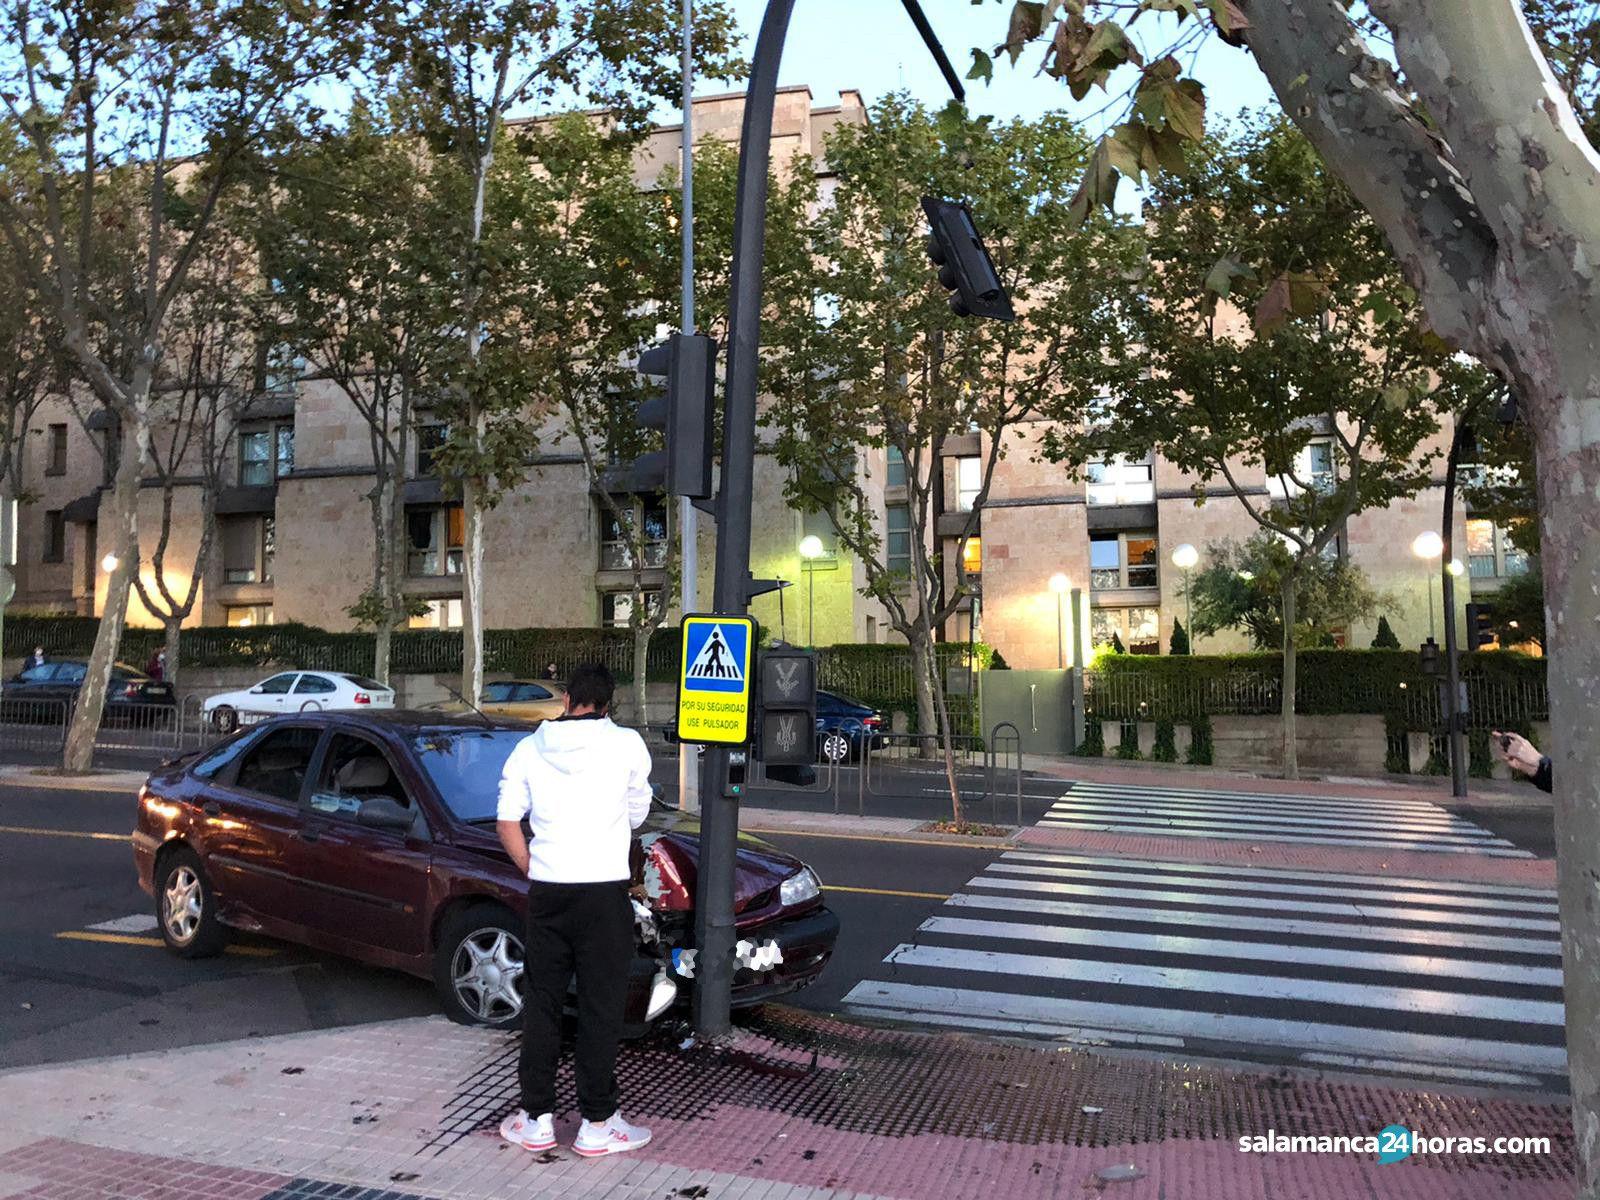 Accidente paseo de san vicente semáforo (3)